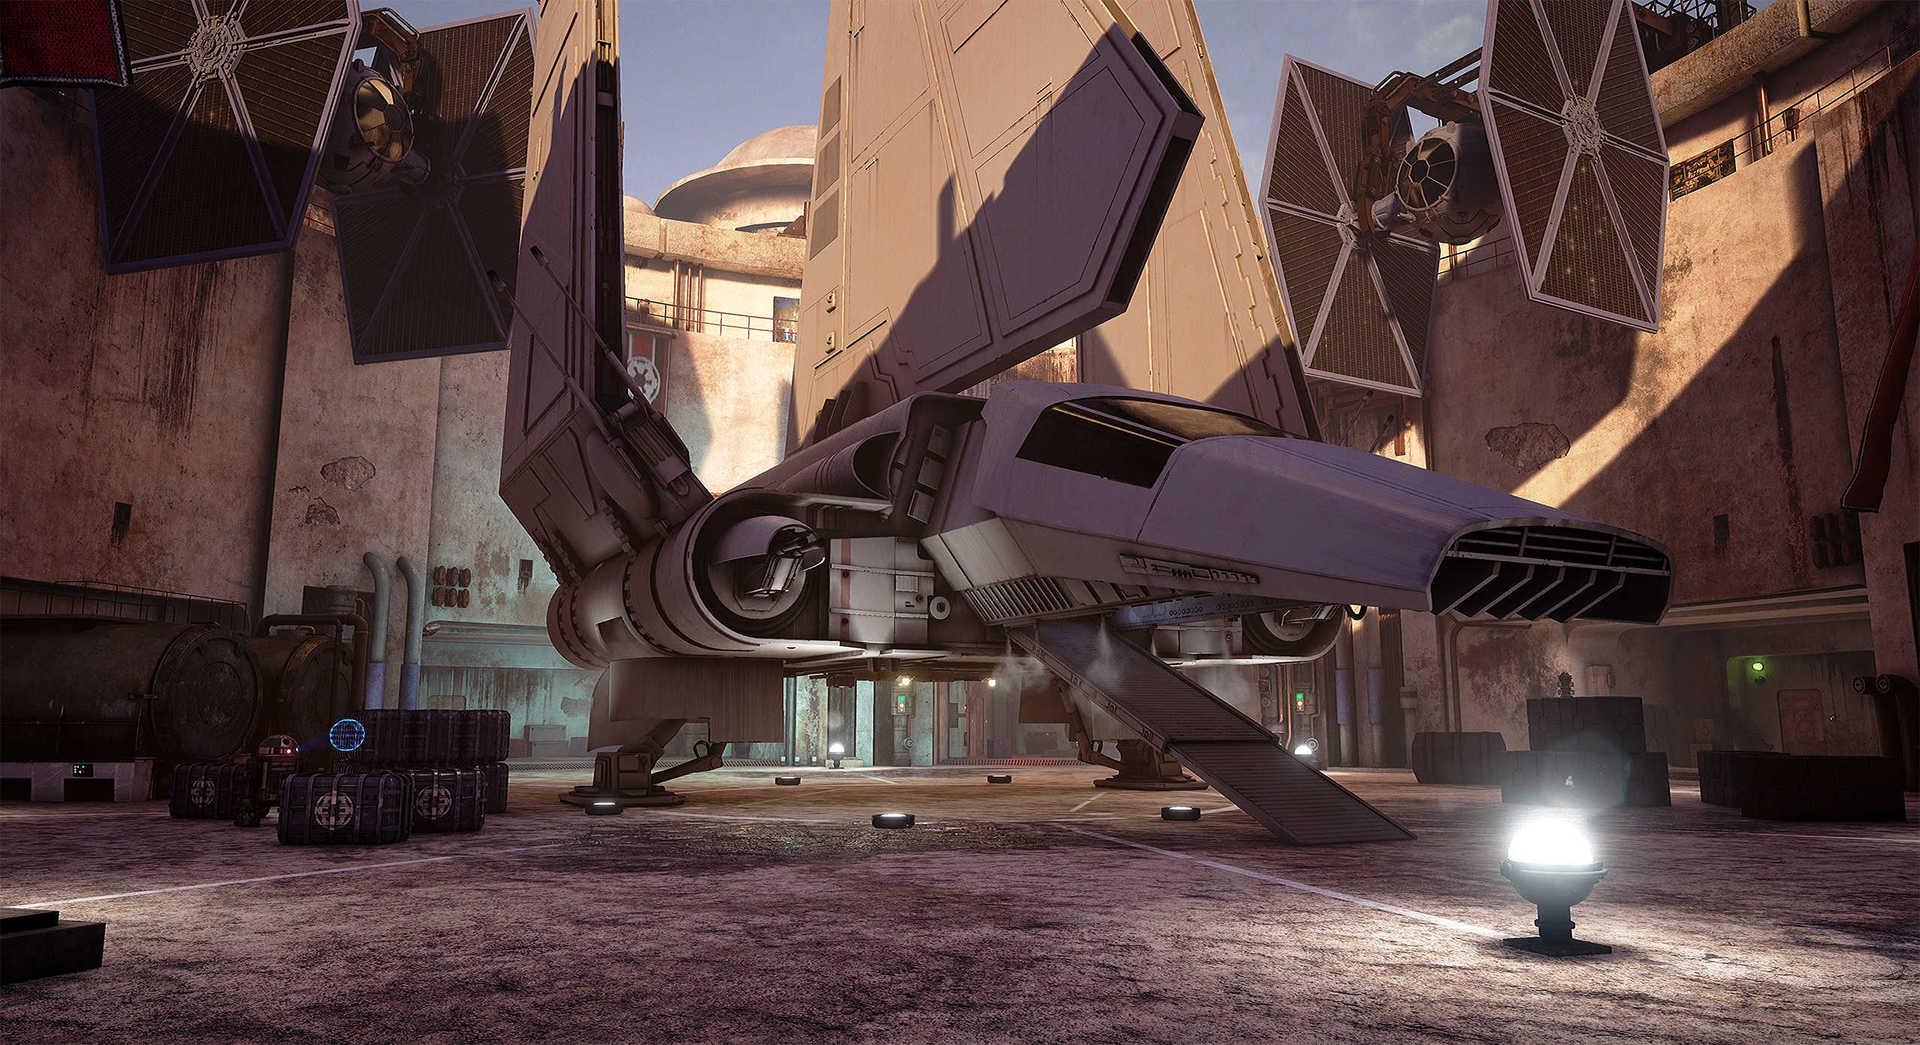 Создание сцены из Star Wars в Unreal Engine 4 - 3